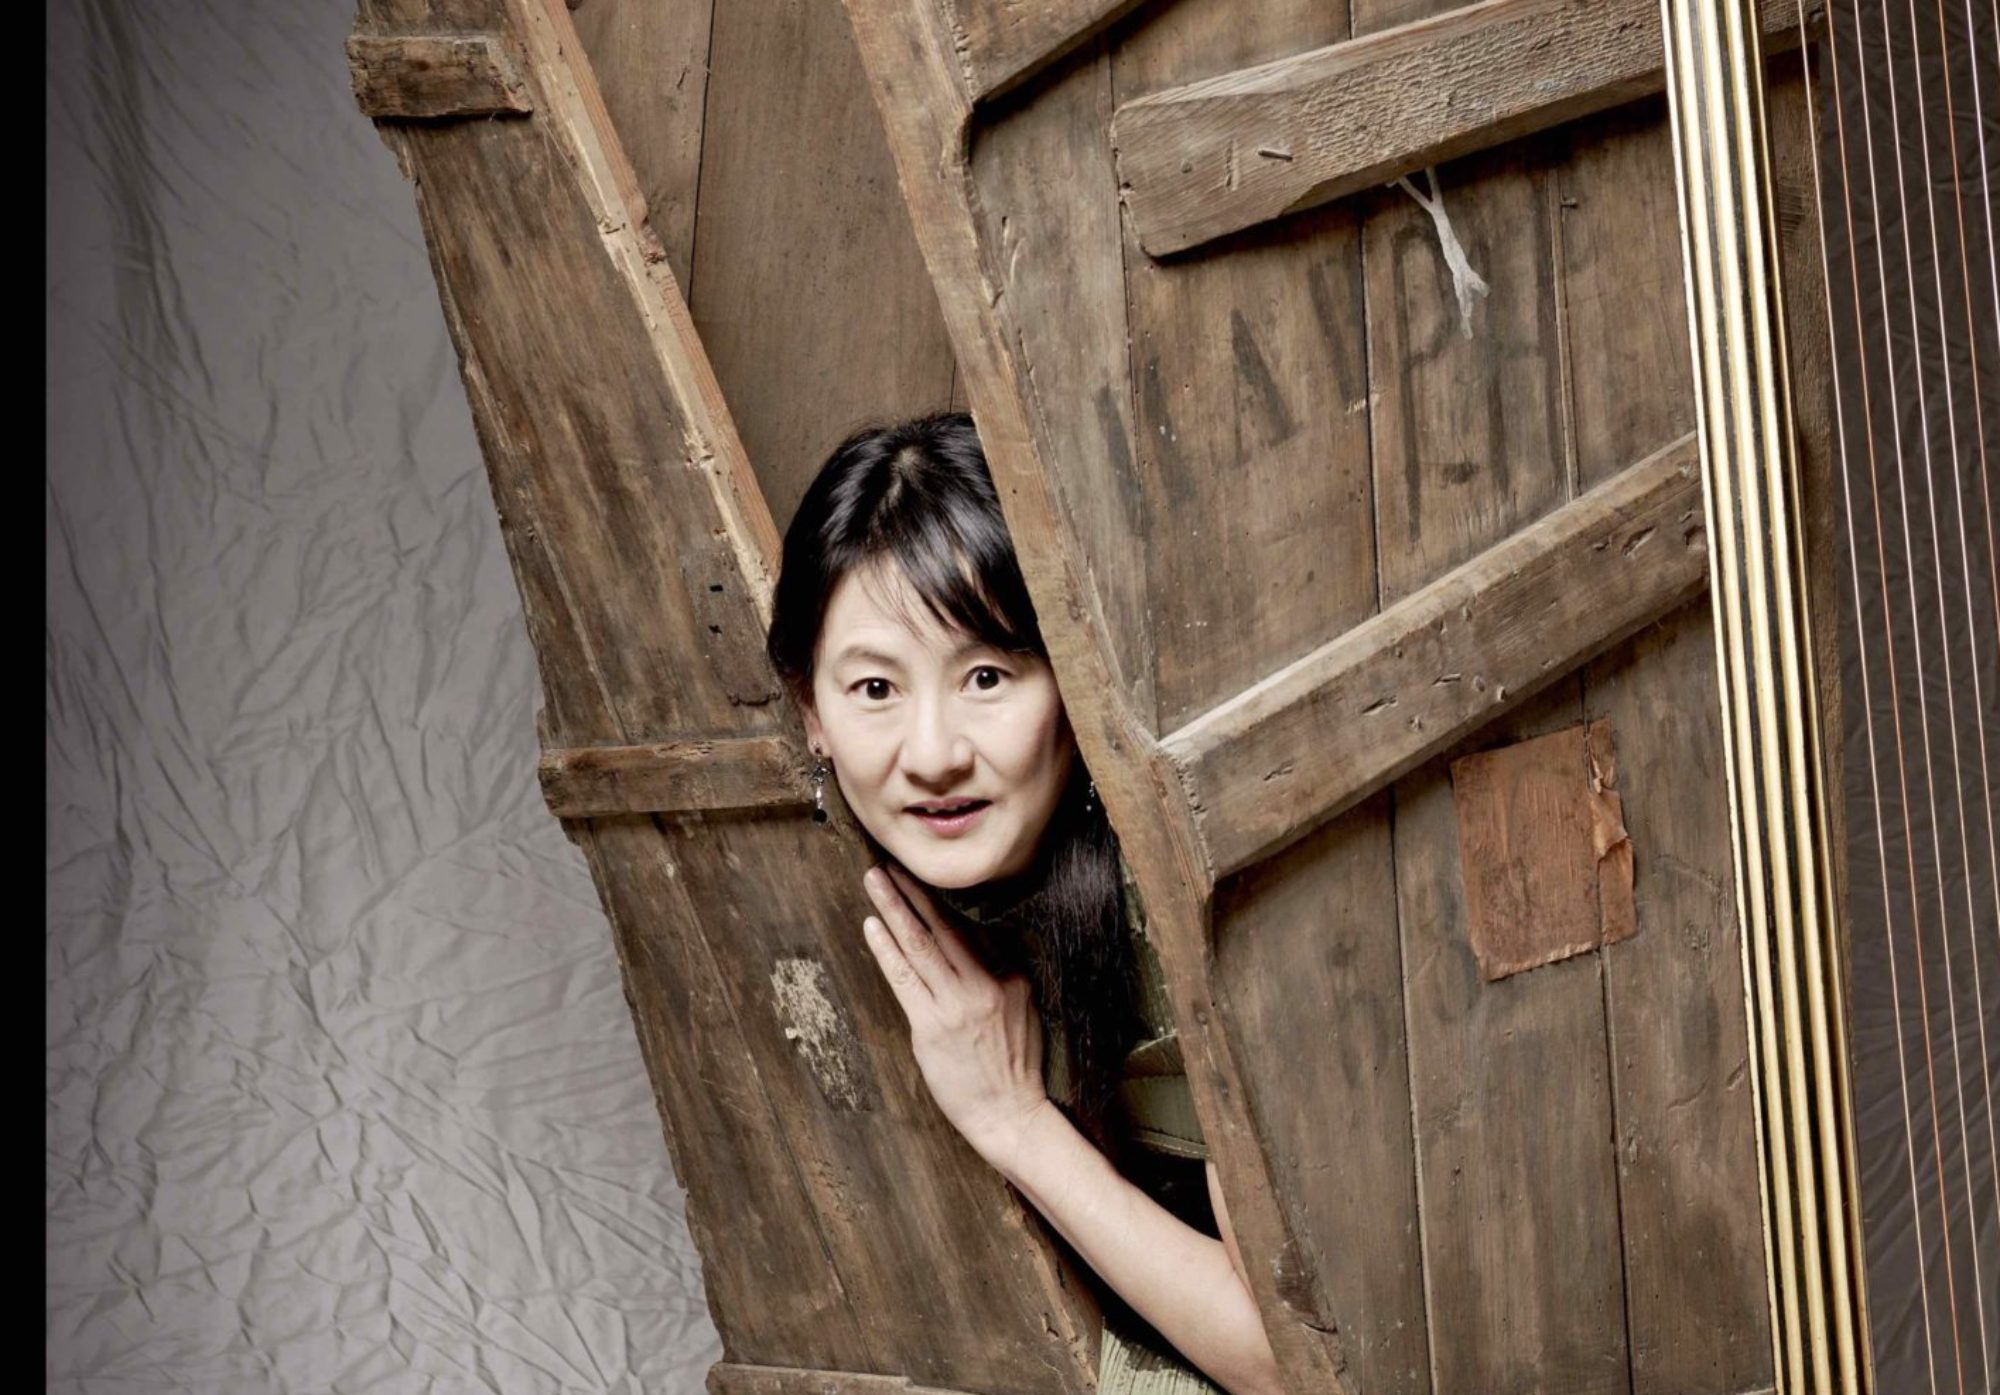 Masumi Nagasawa